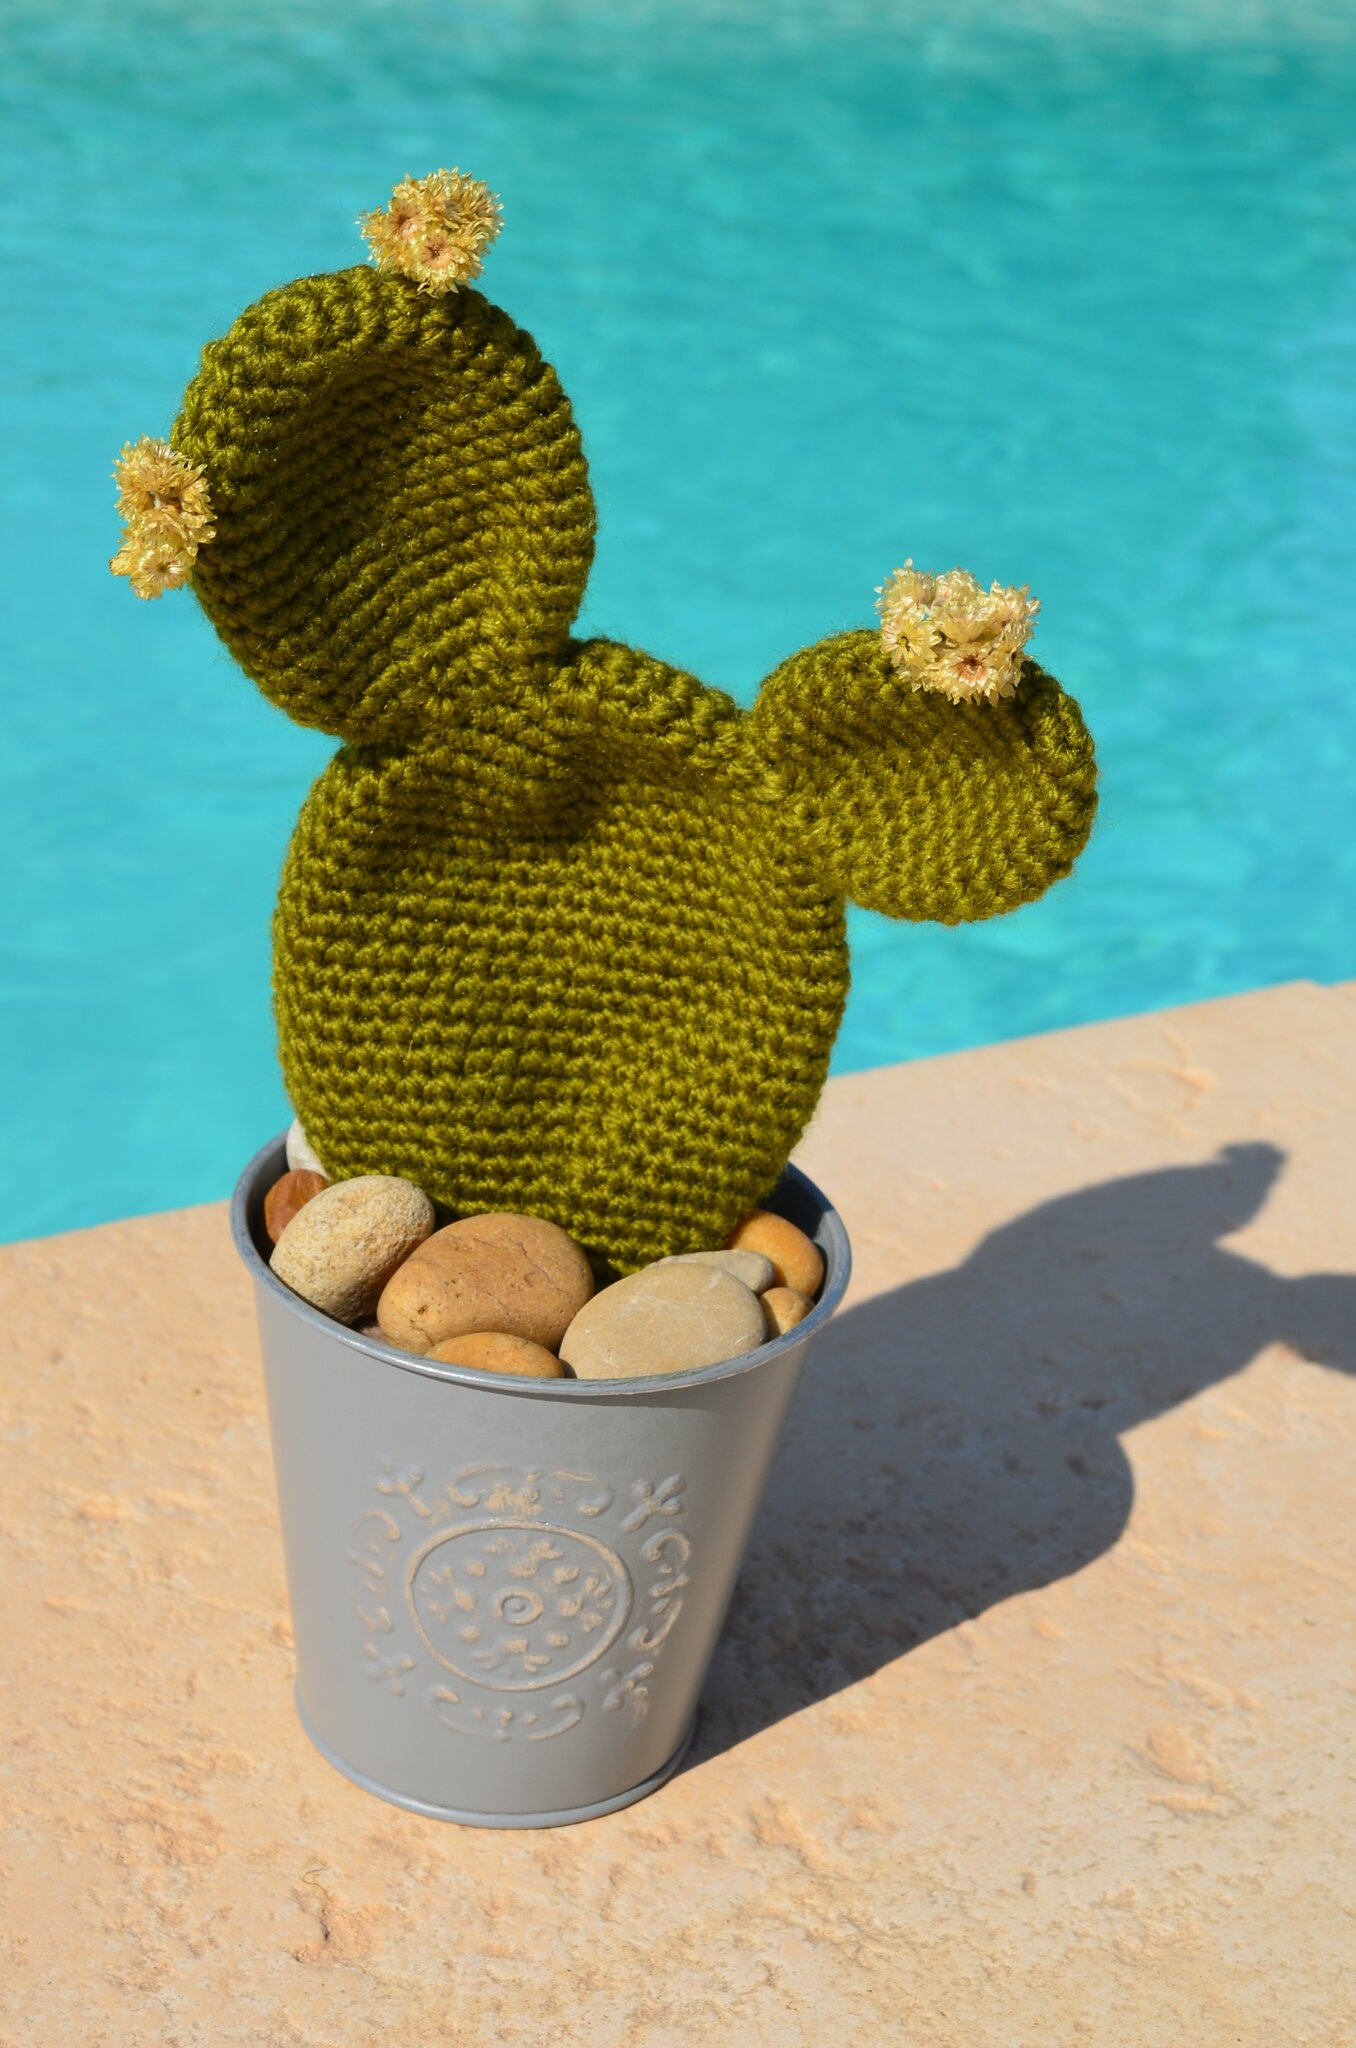 Cactus_au_crochet__laine__r_cup___tuto__DIY__La_chouette_bricole__4_